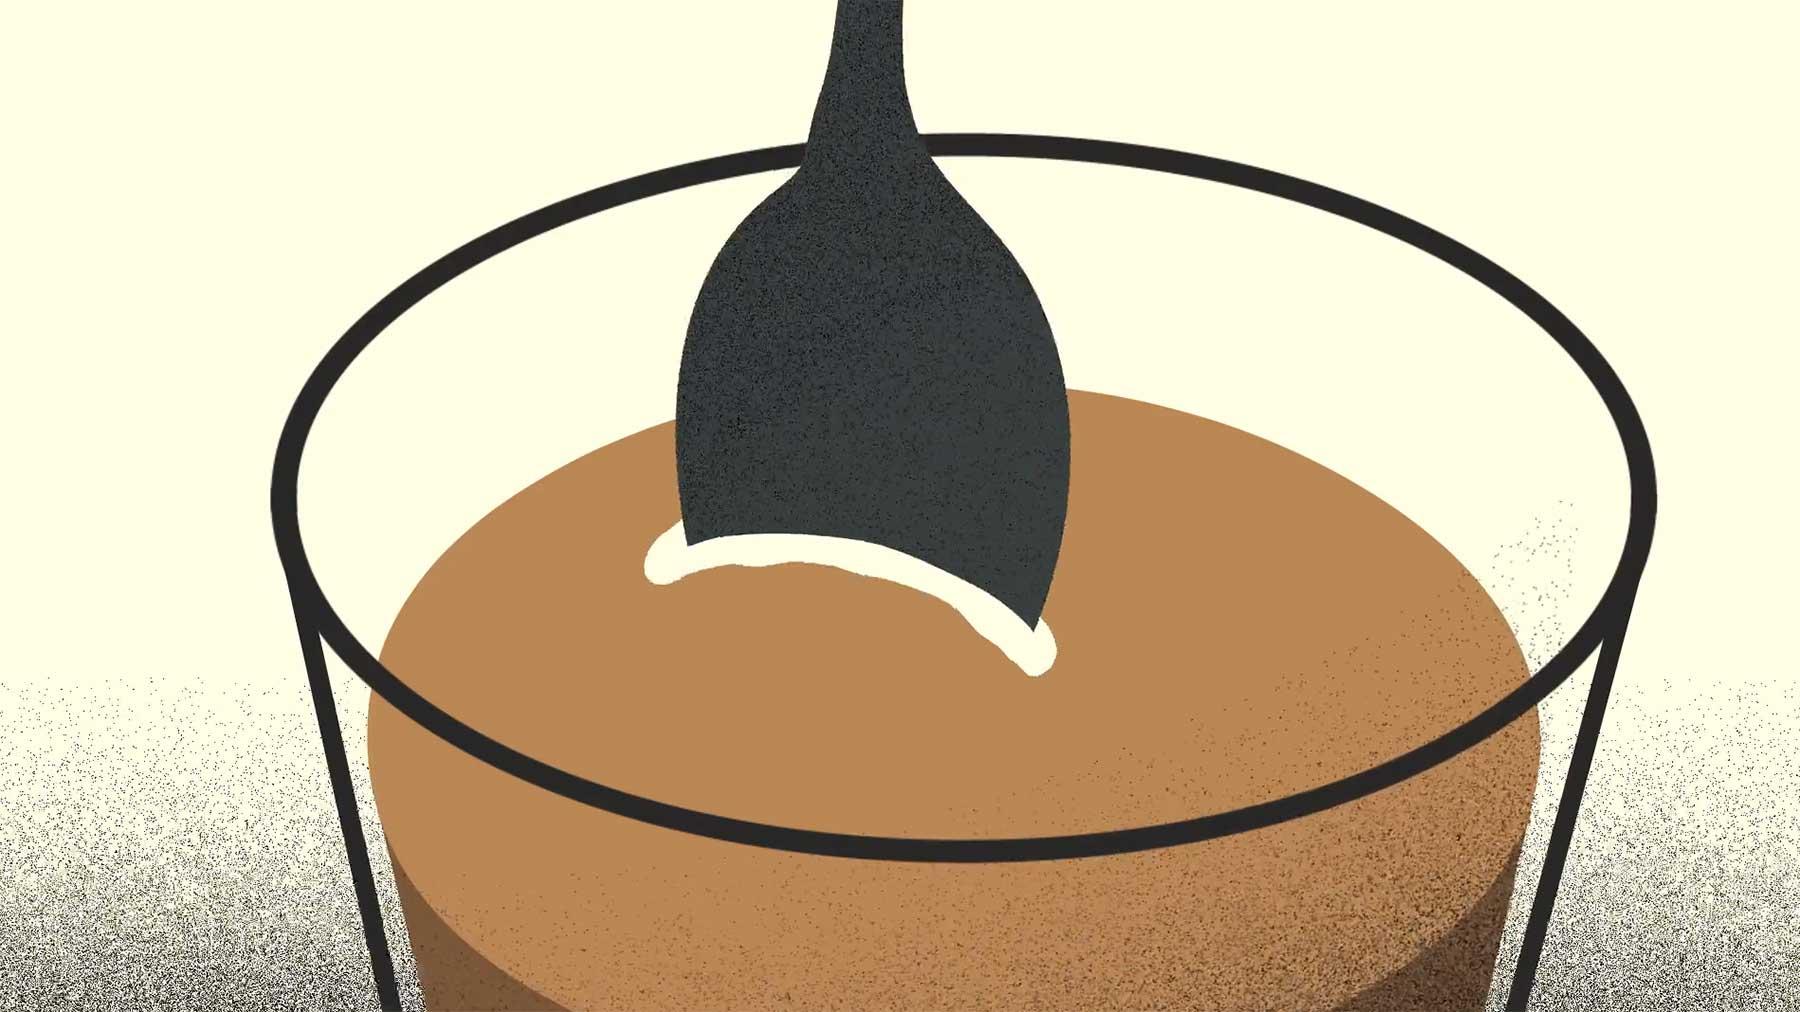 Das nervige Klirren eines Löffels im Milchkaffee-Glas